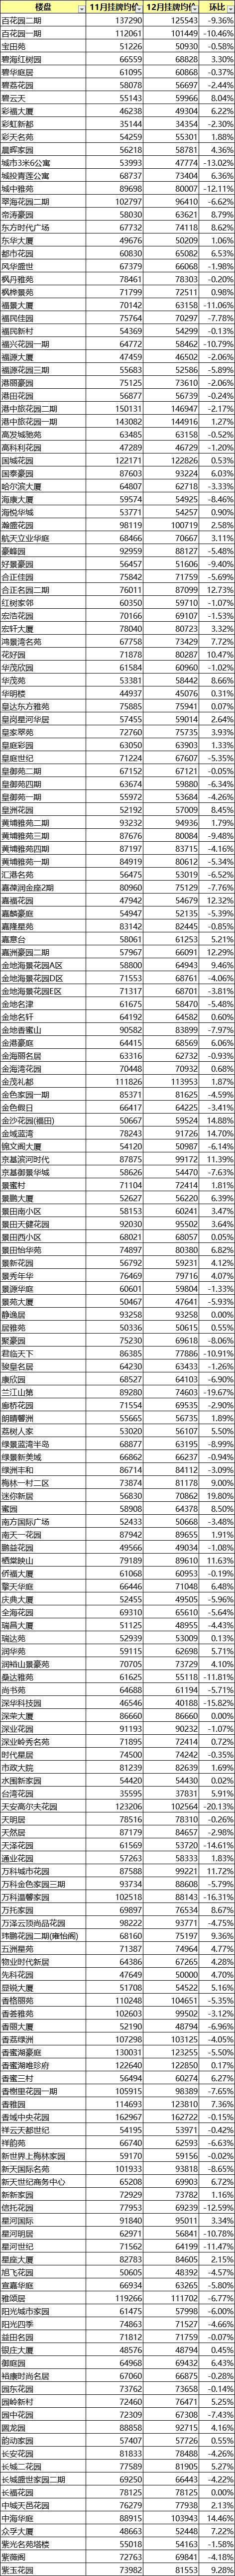 深圳1000小区最新房价表,有二手房涨了